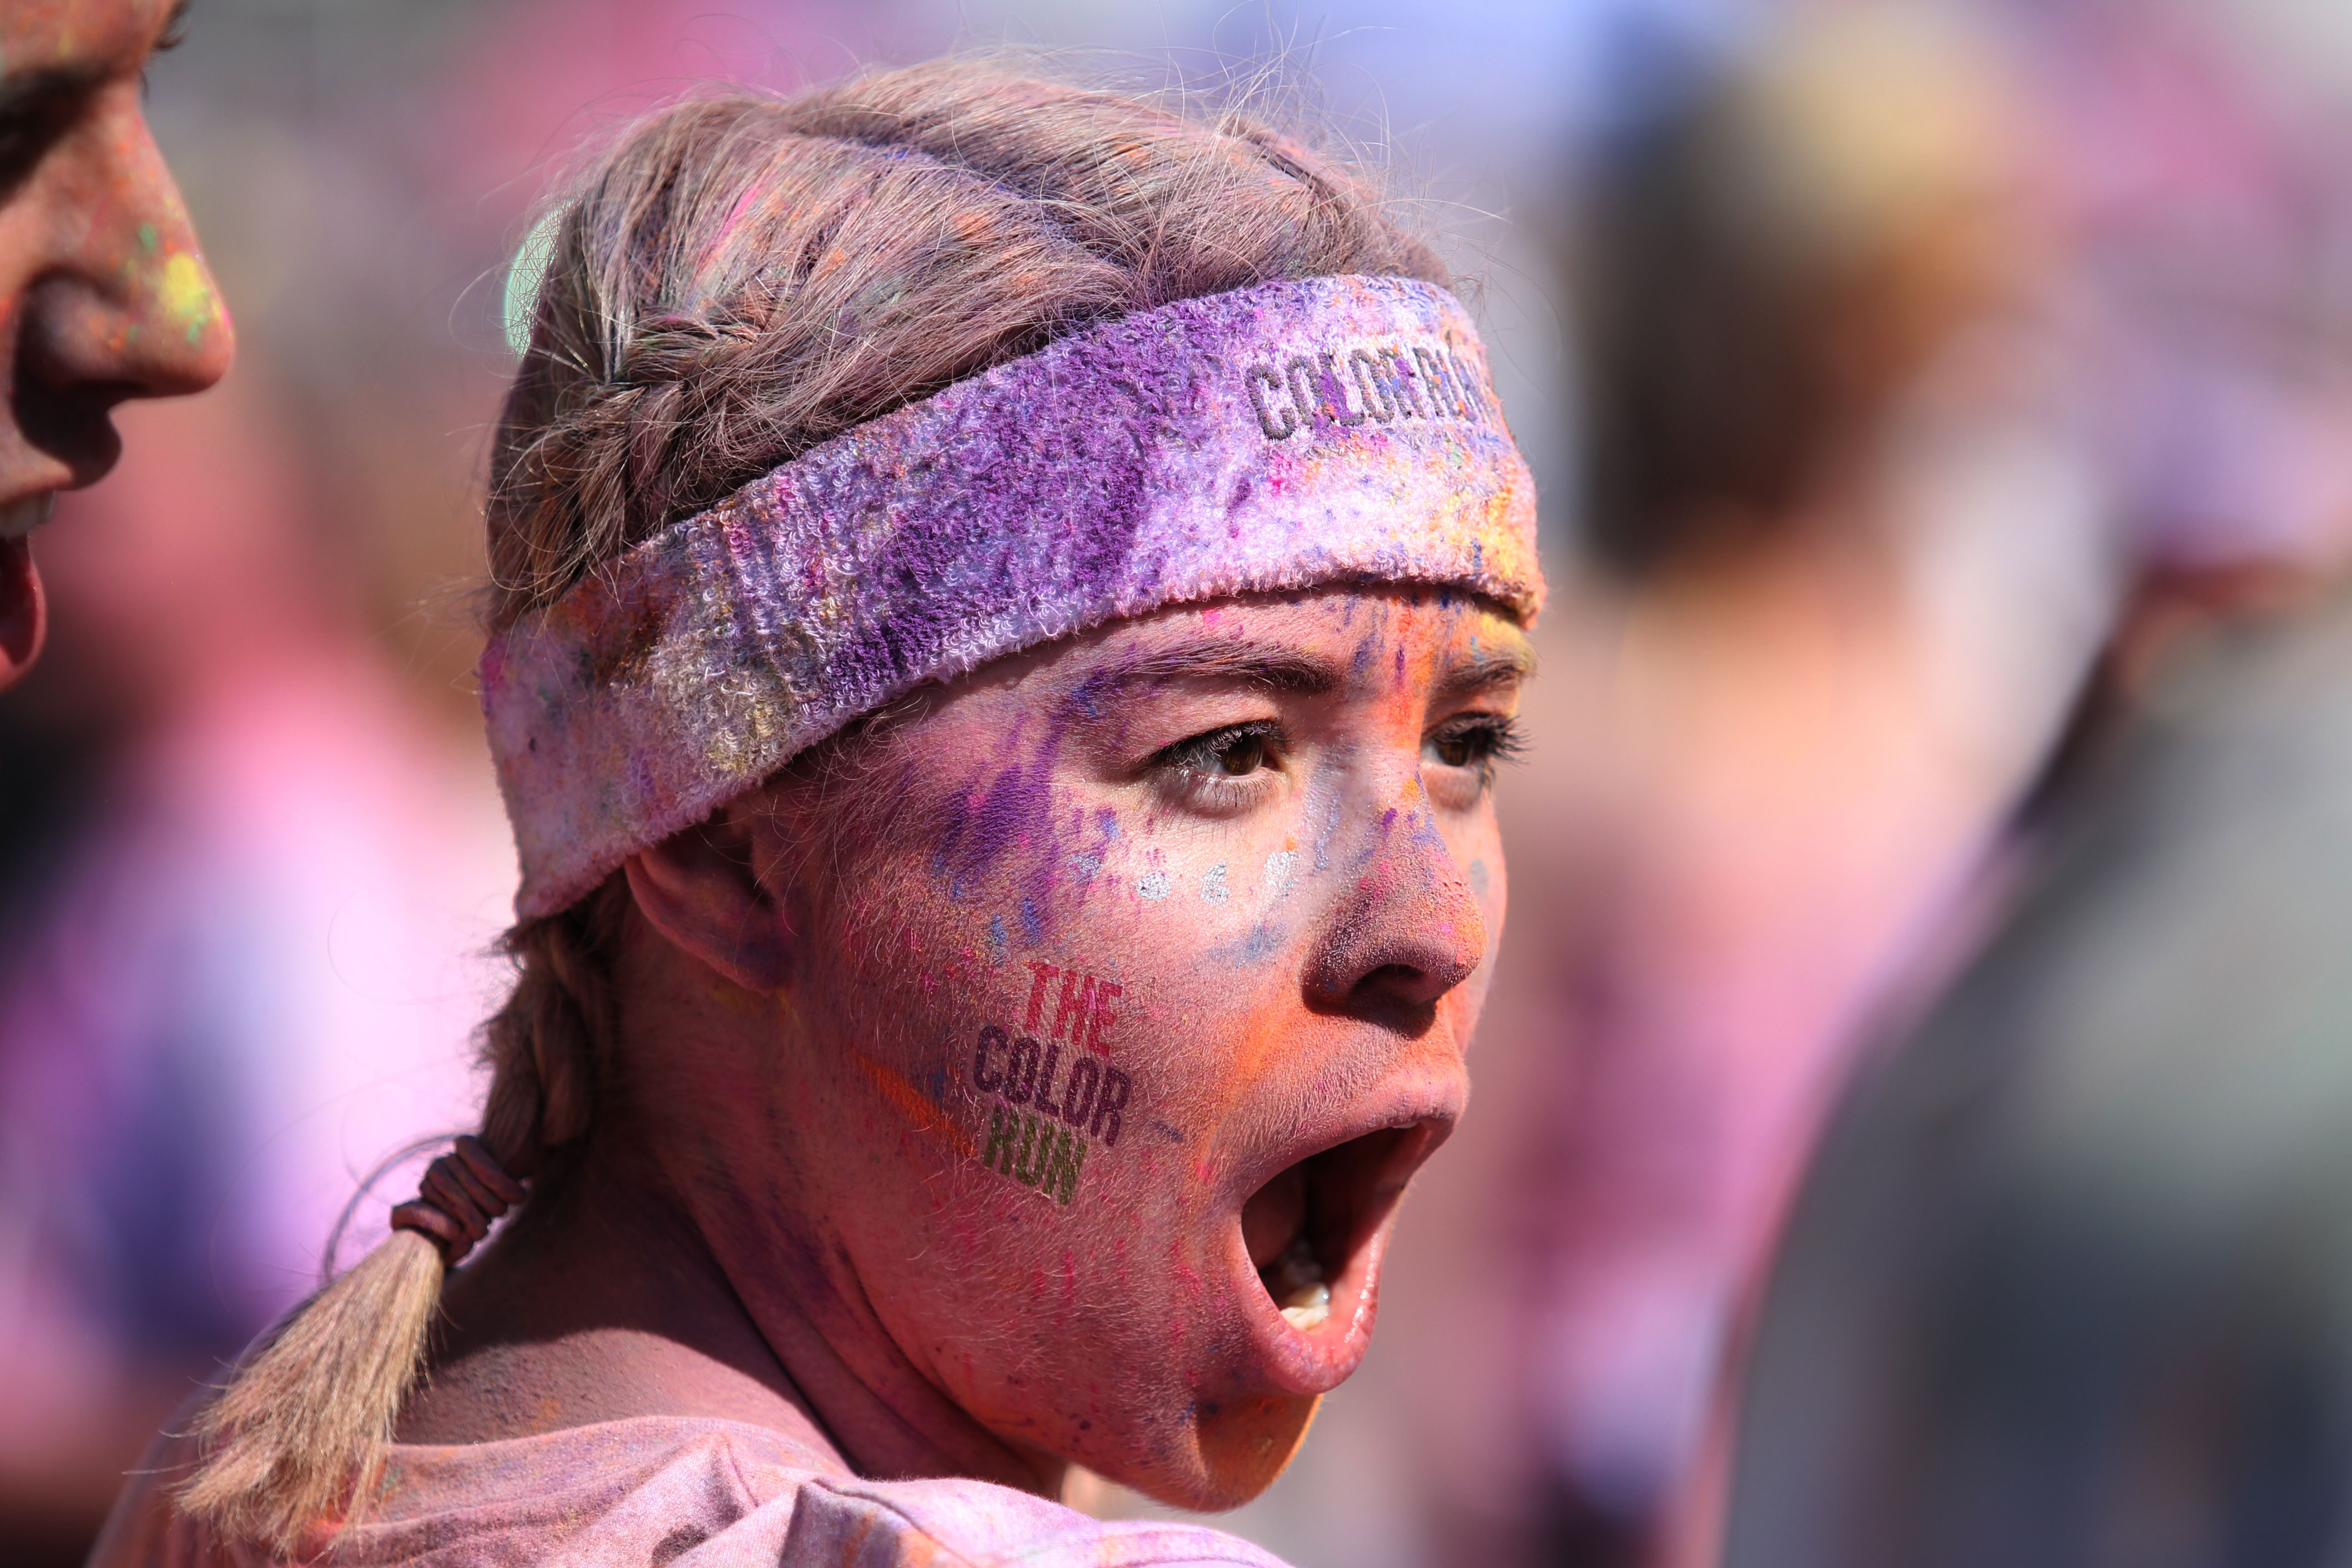 Gesicht voller Farbe von einer Frau am The Color Run